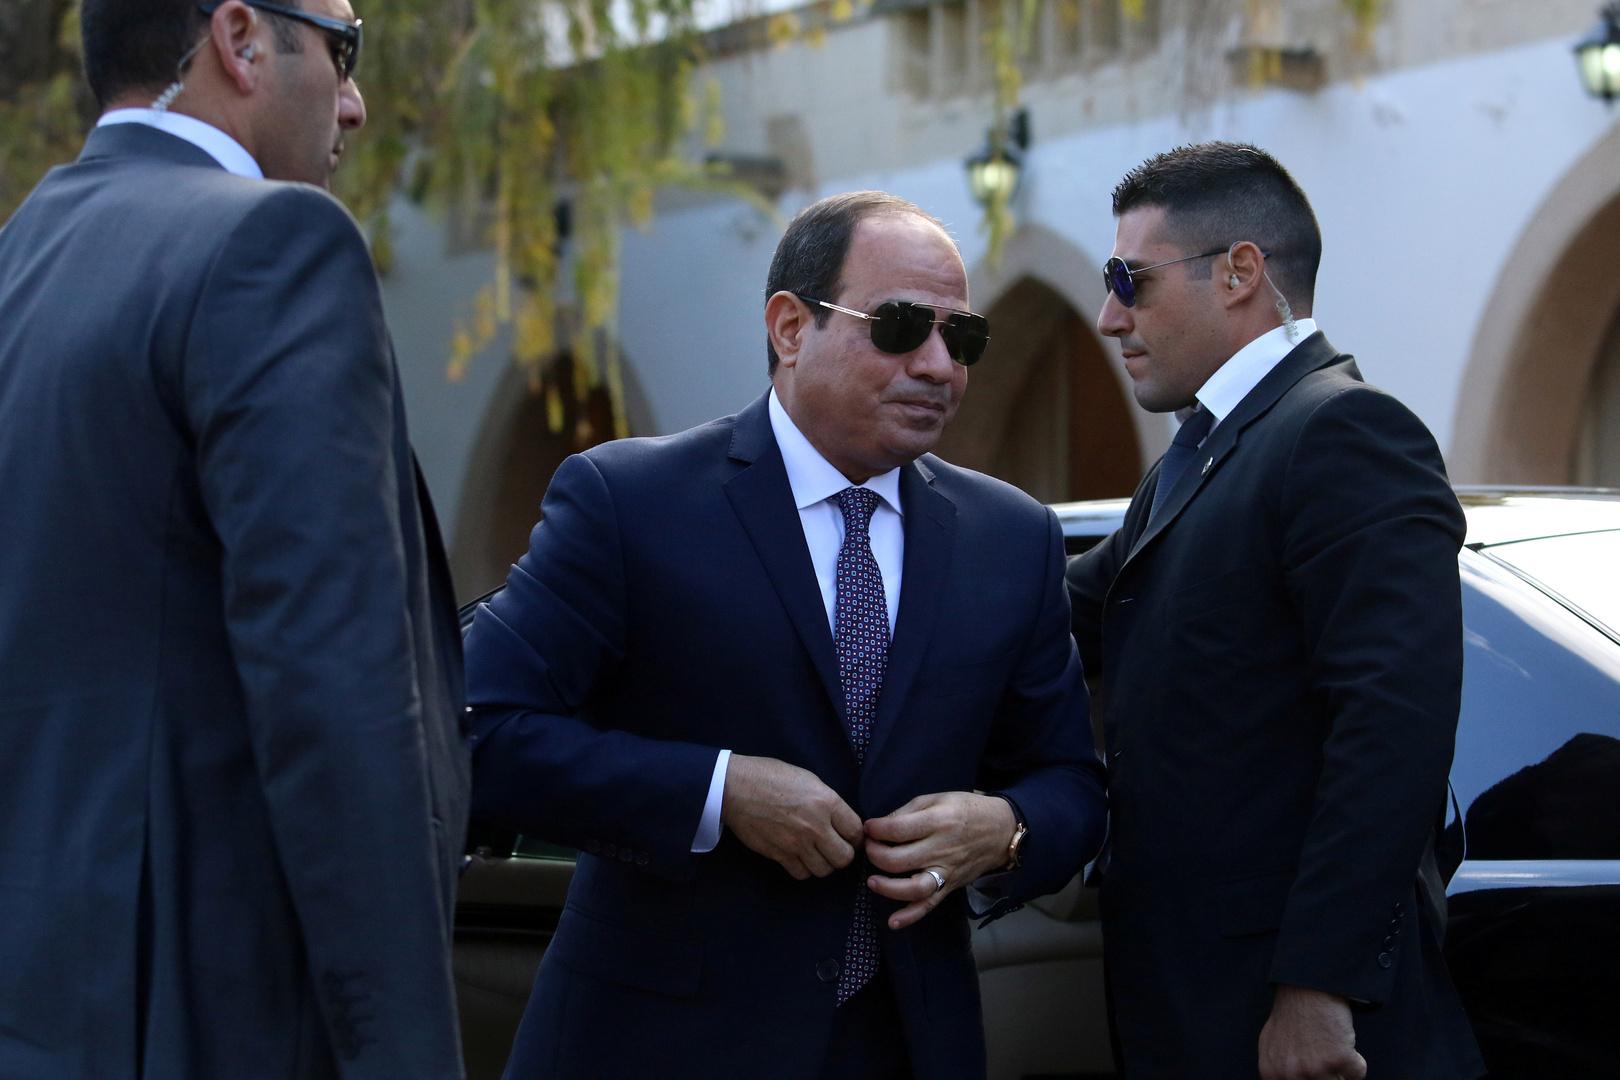 استنادا لحكم تأديبي.. السيسي يصدر قرارا بإحالة قاض كبير للمعاش (صورة)